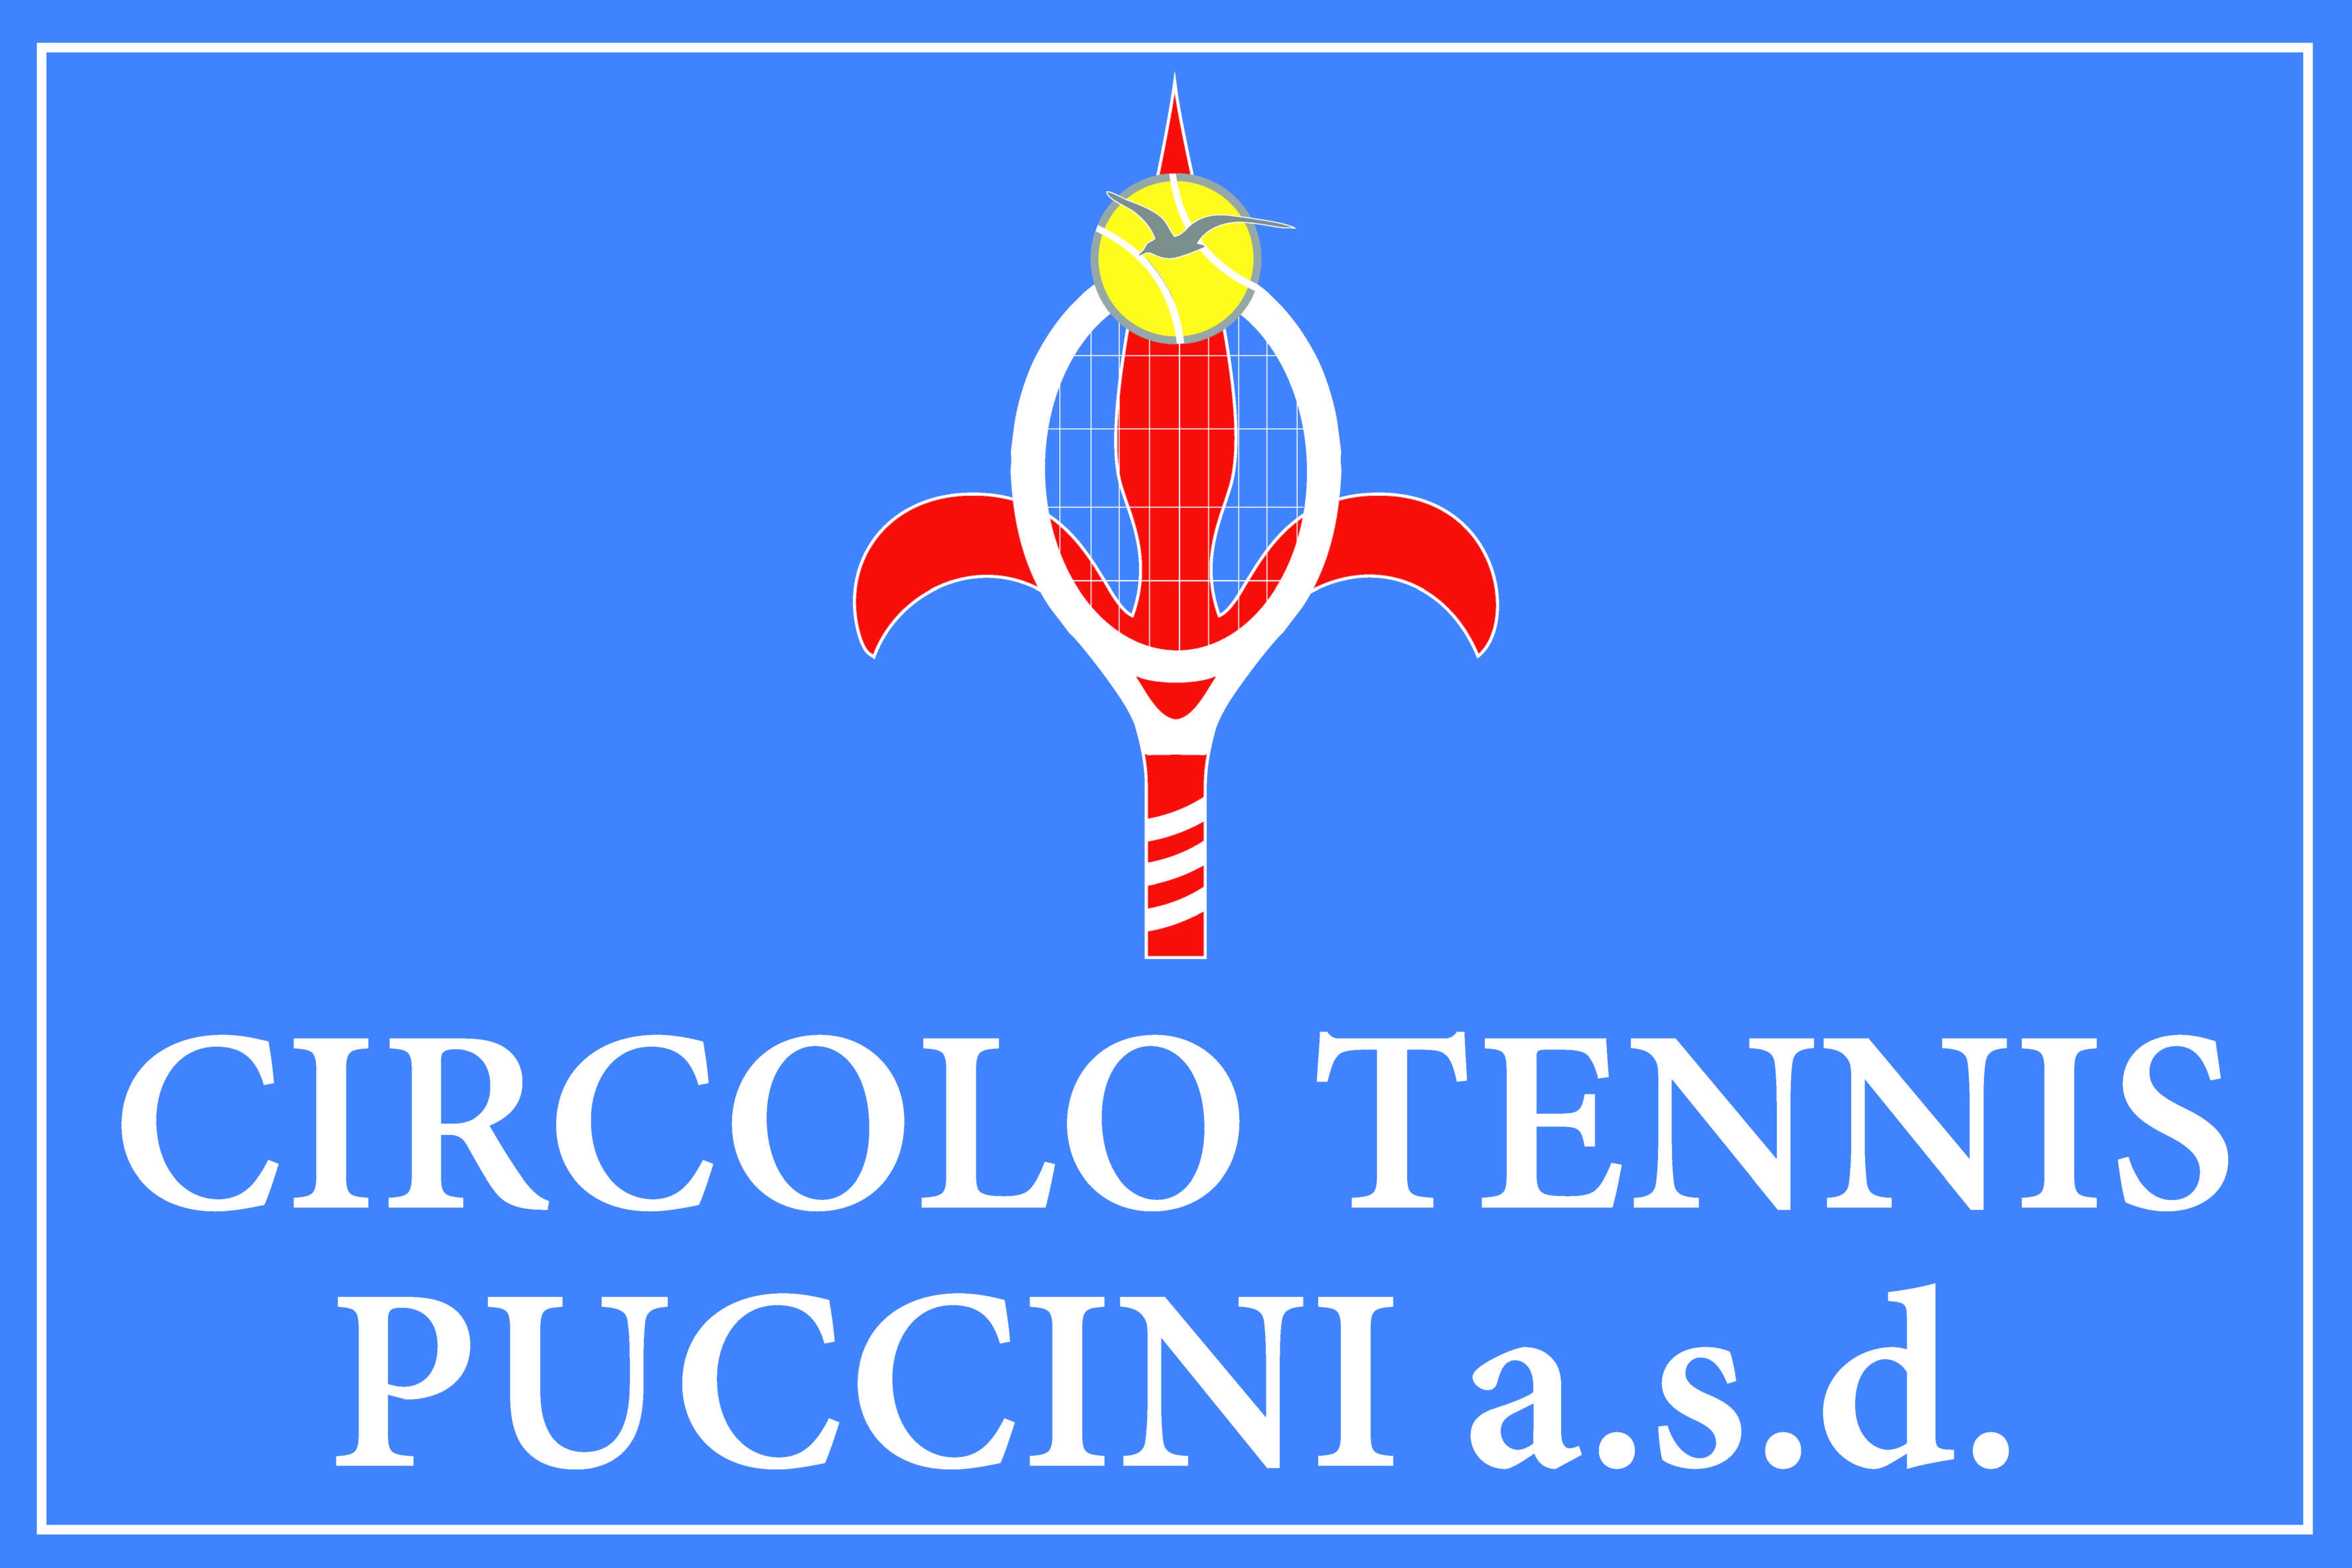 Circolo Tennis Puccini